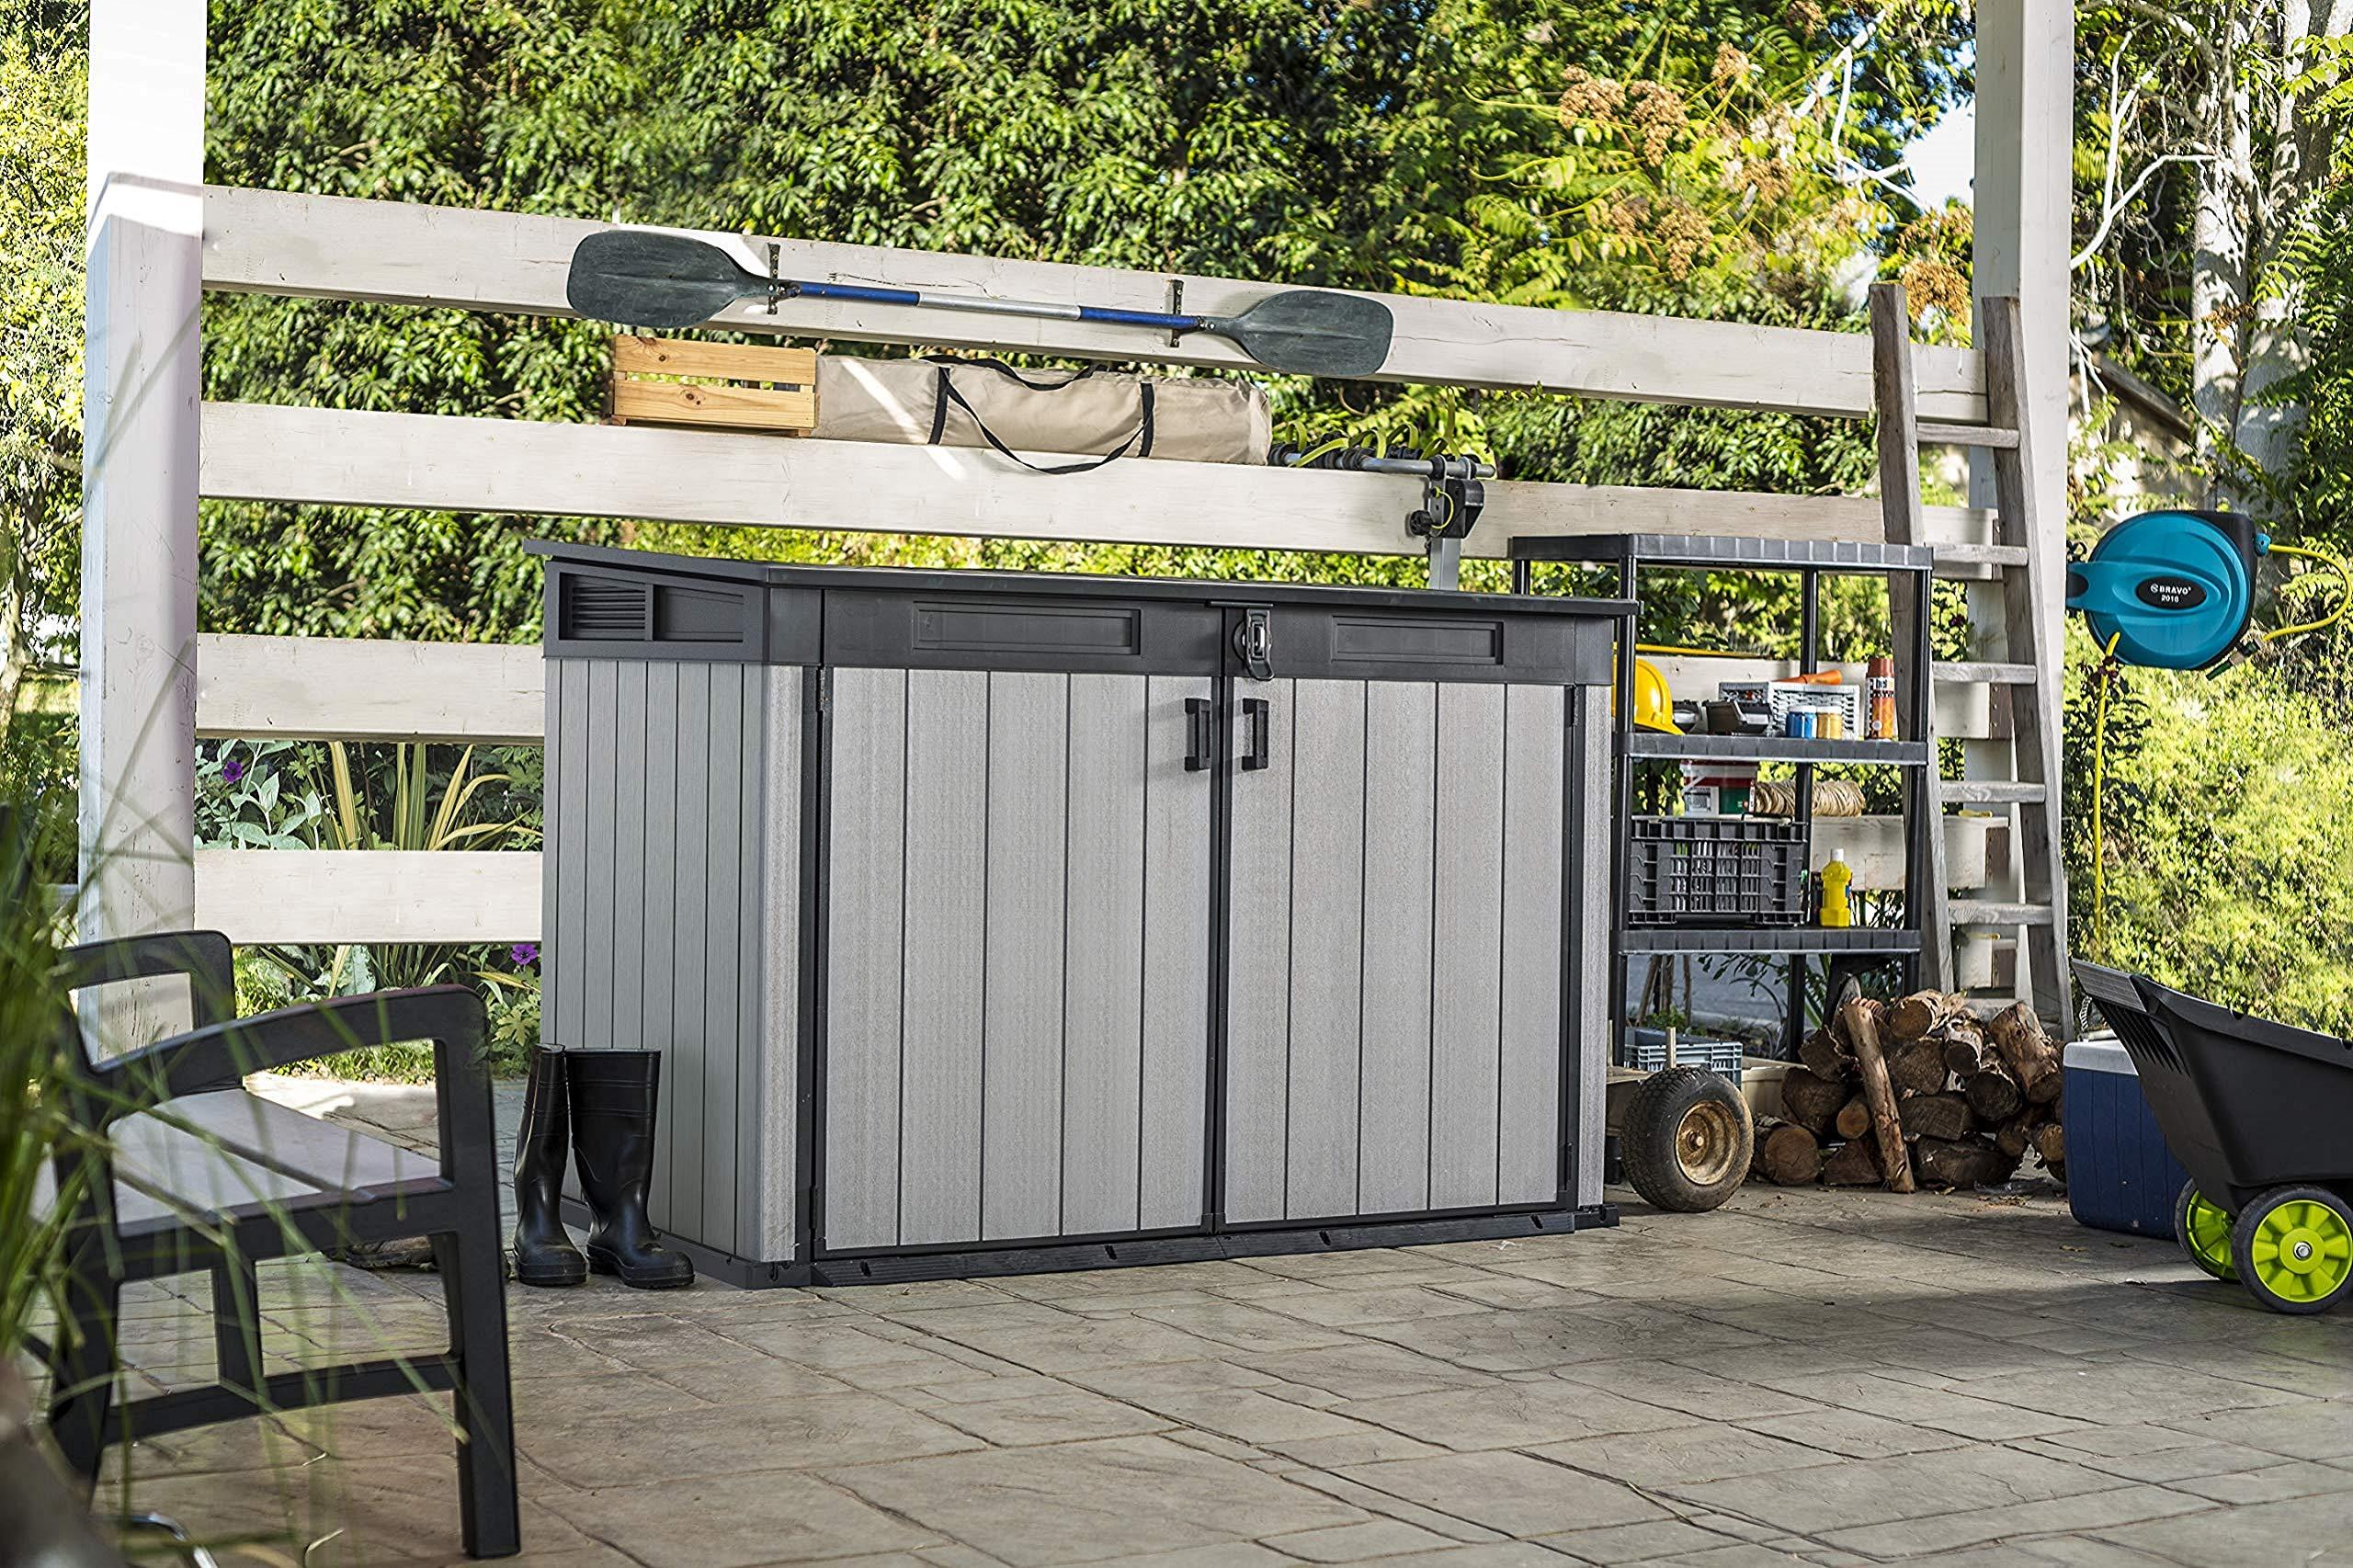 Koll Living Geräteschrank/Gerätehaus (2100 Liter) für z.B Gartenutensilien, 2 Fahrräder, 3 Mülltonnen – Belüftet Daher Keine Schimmelbildung – DUOTECH Technologie